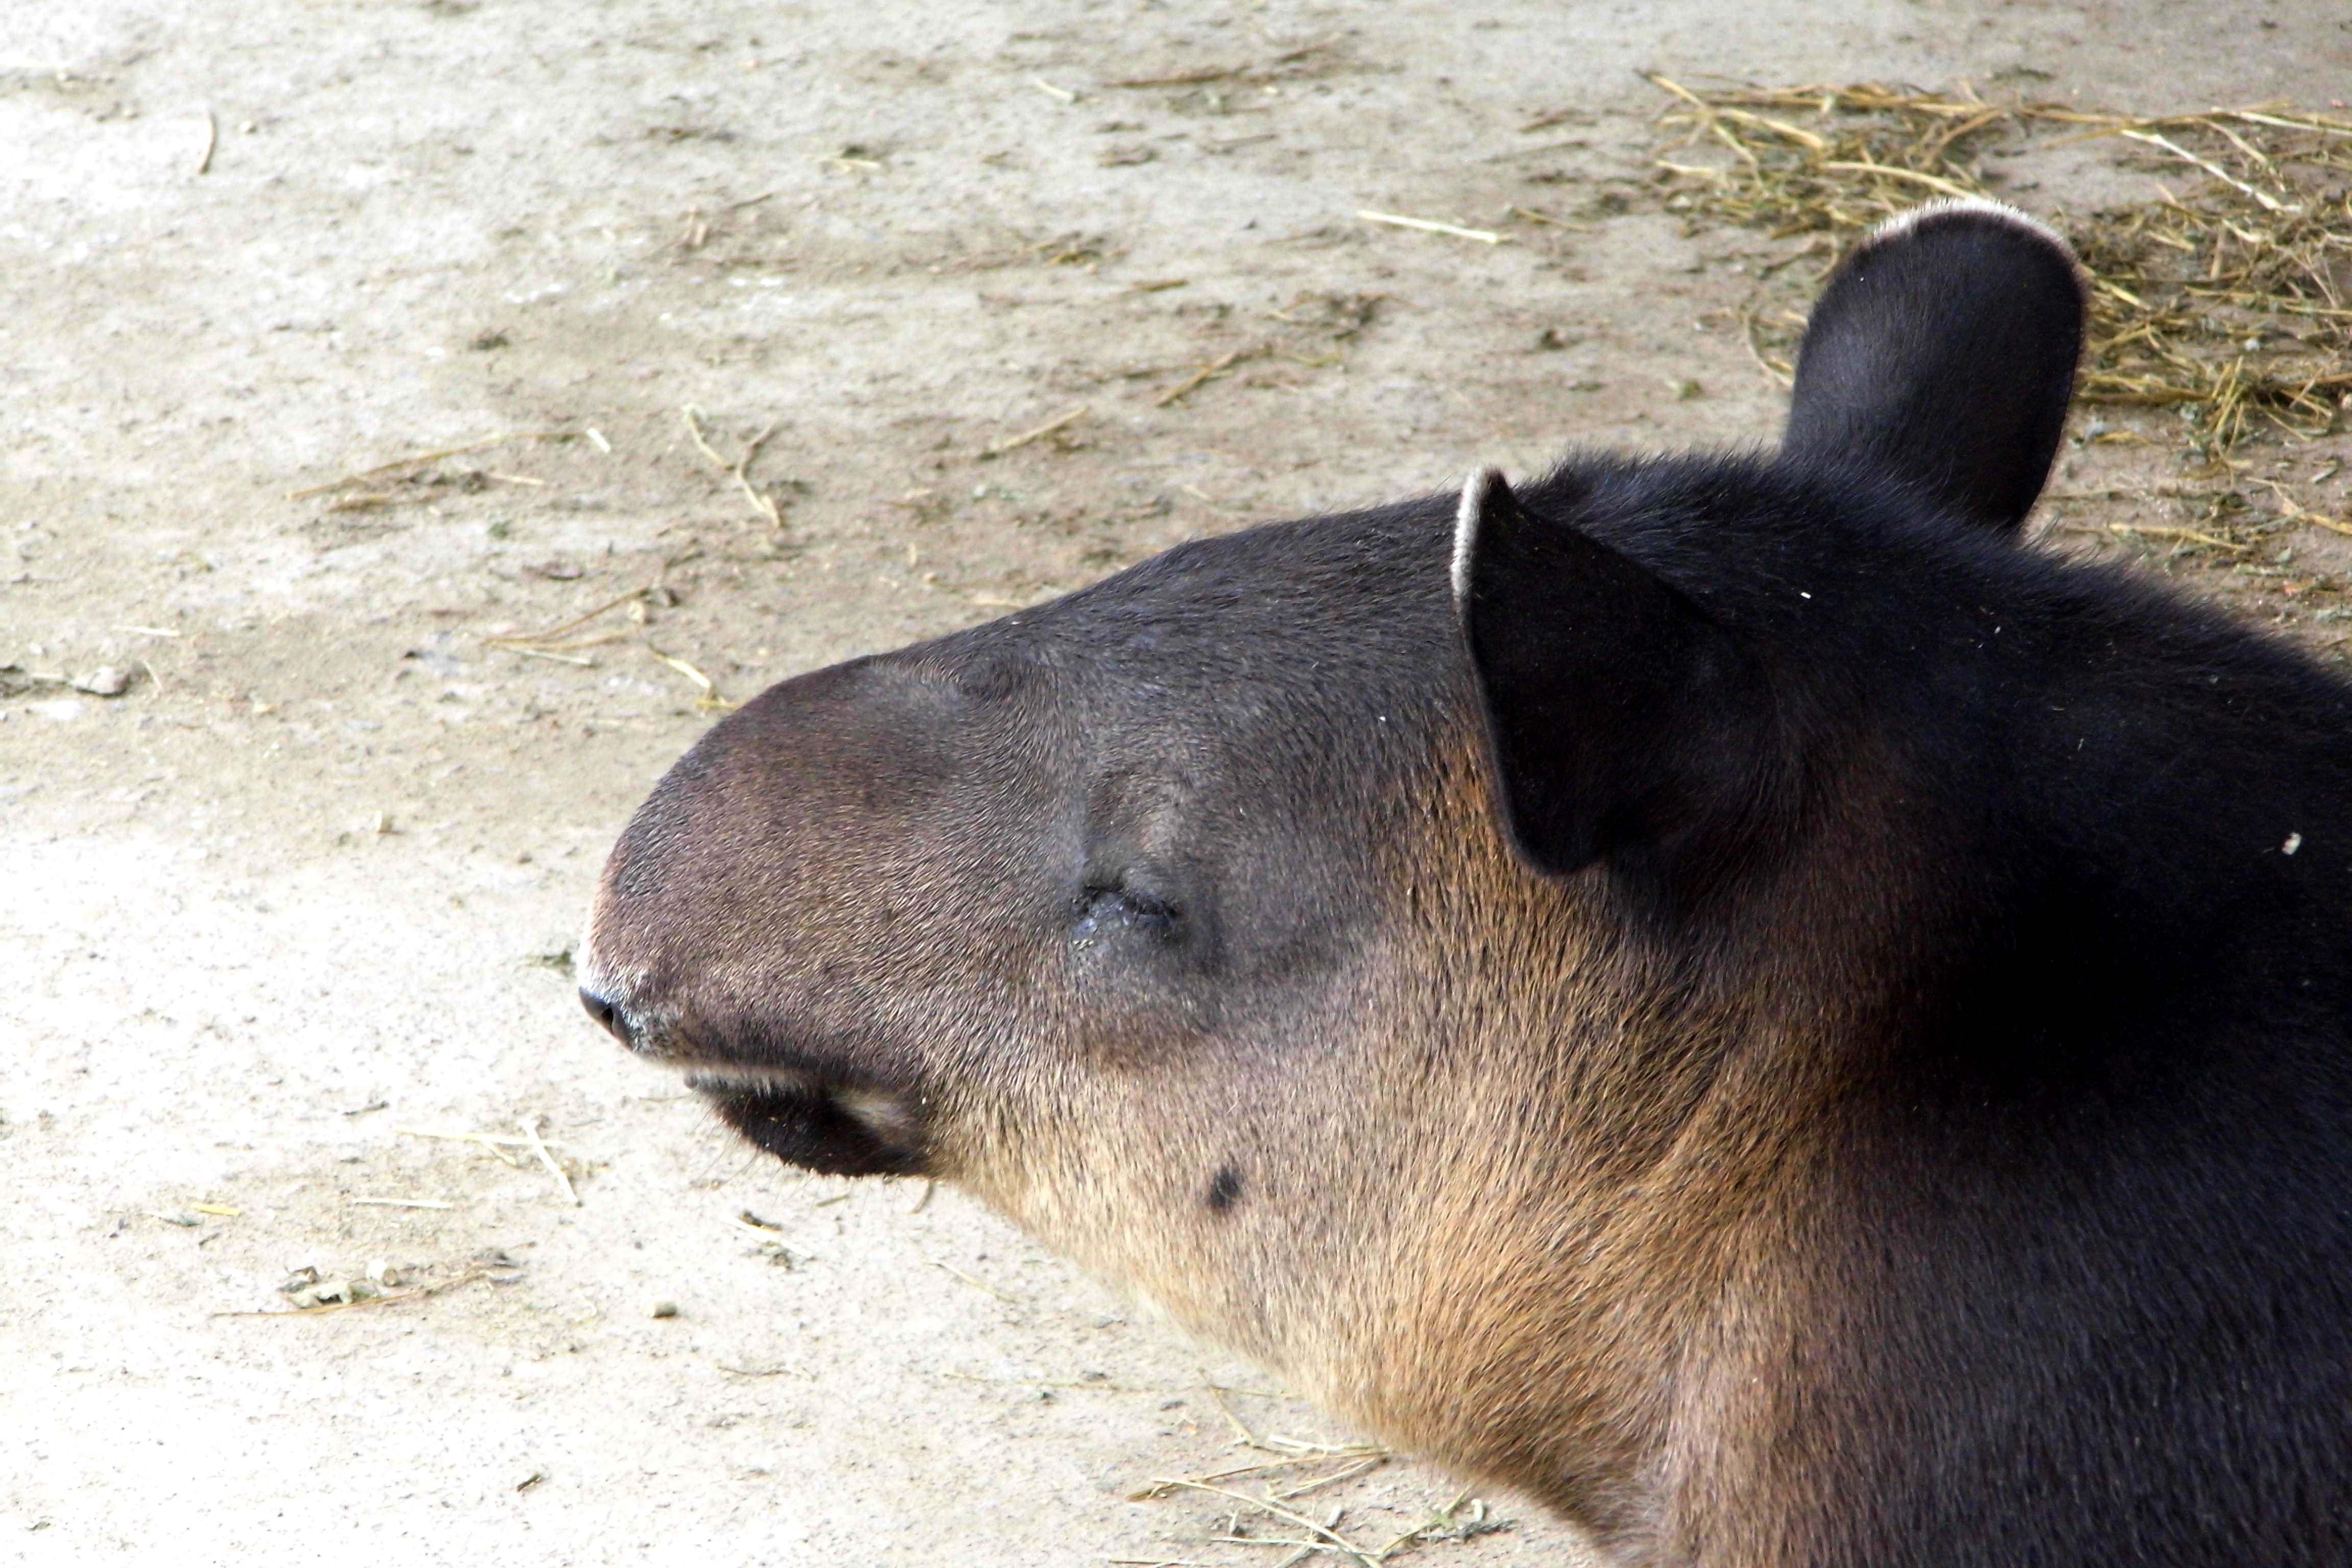 上海野生动物园 - 上海游记攻略【携程攻略】